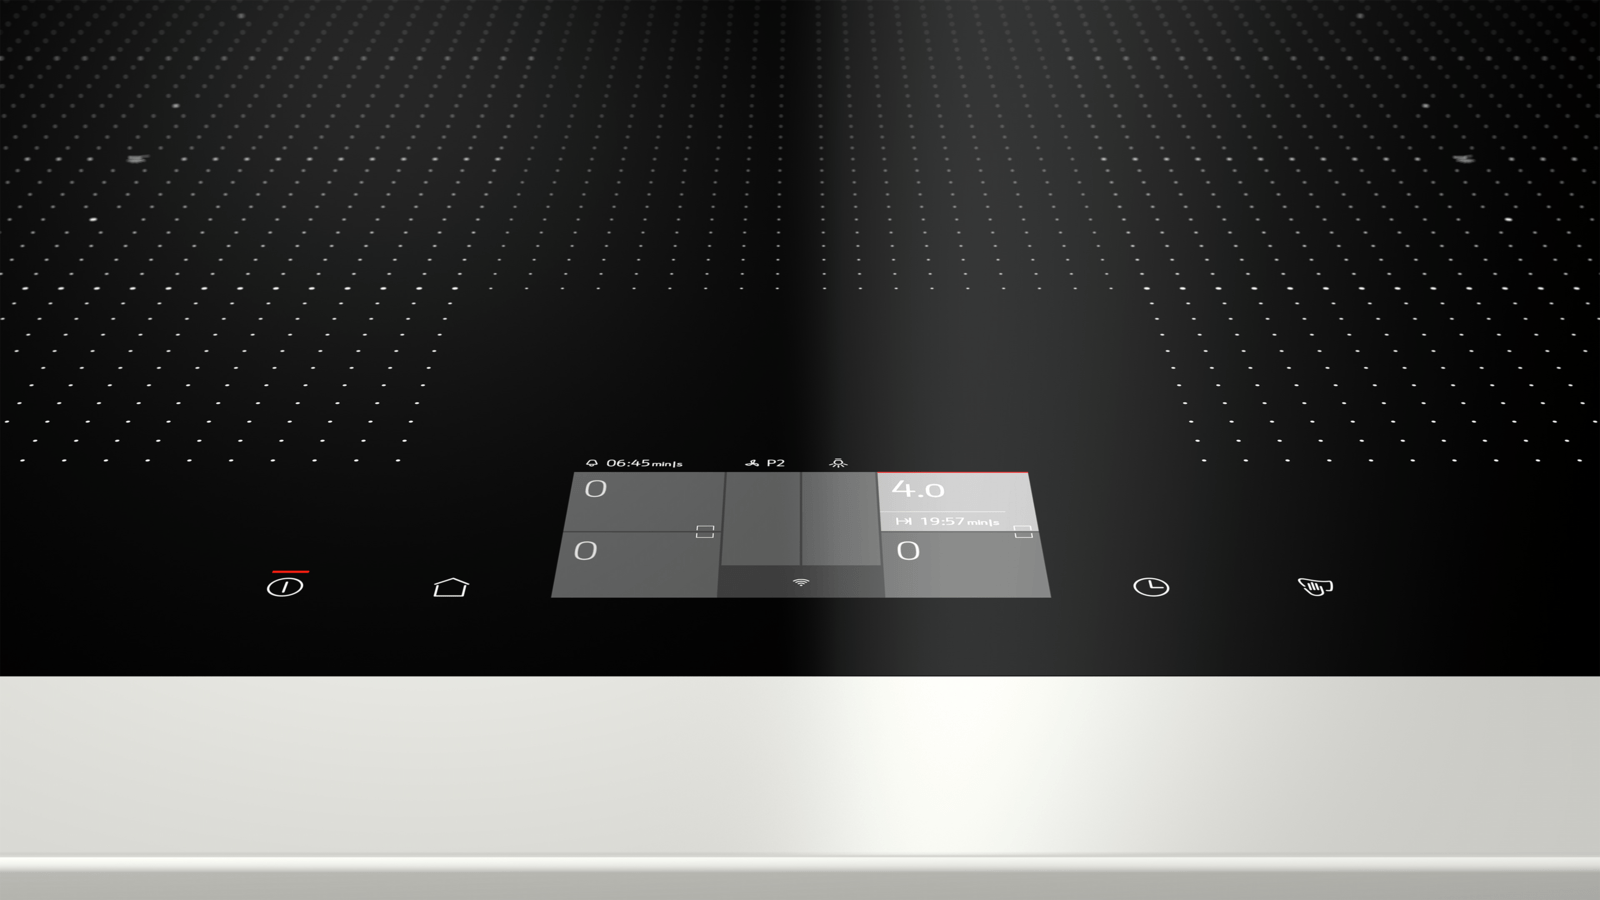 Piano Induzione Neff Flexinduction n 90 piano cottura a induzione 80 cm nero t68pf6tx0